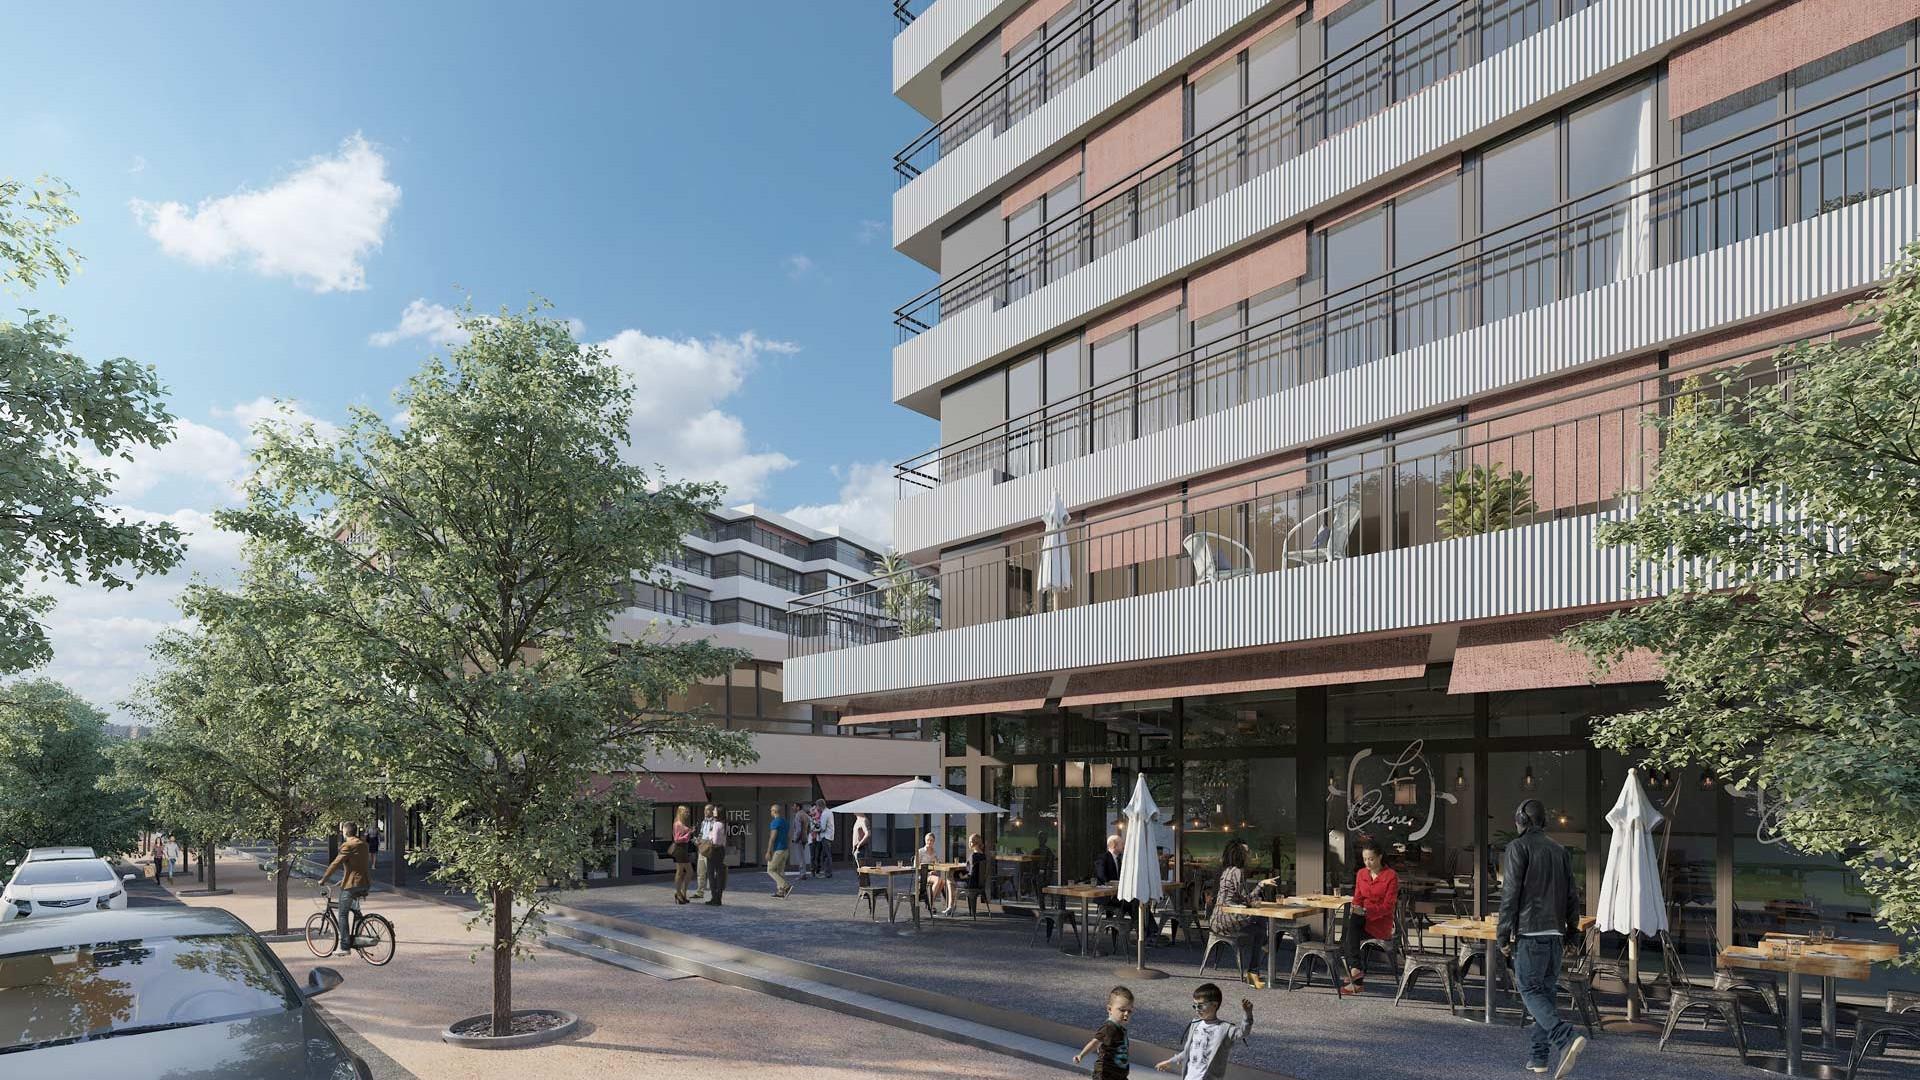 Le projet des Lisières à Gland touche pratiquement à sa fin, 4 immeubles et 4 bâtiments d'activités ont été construits